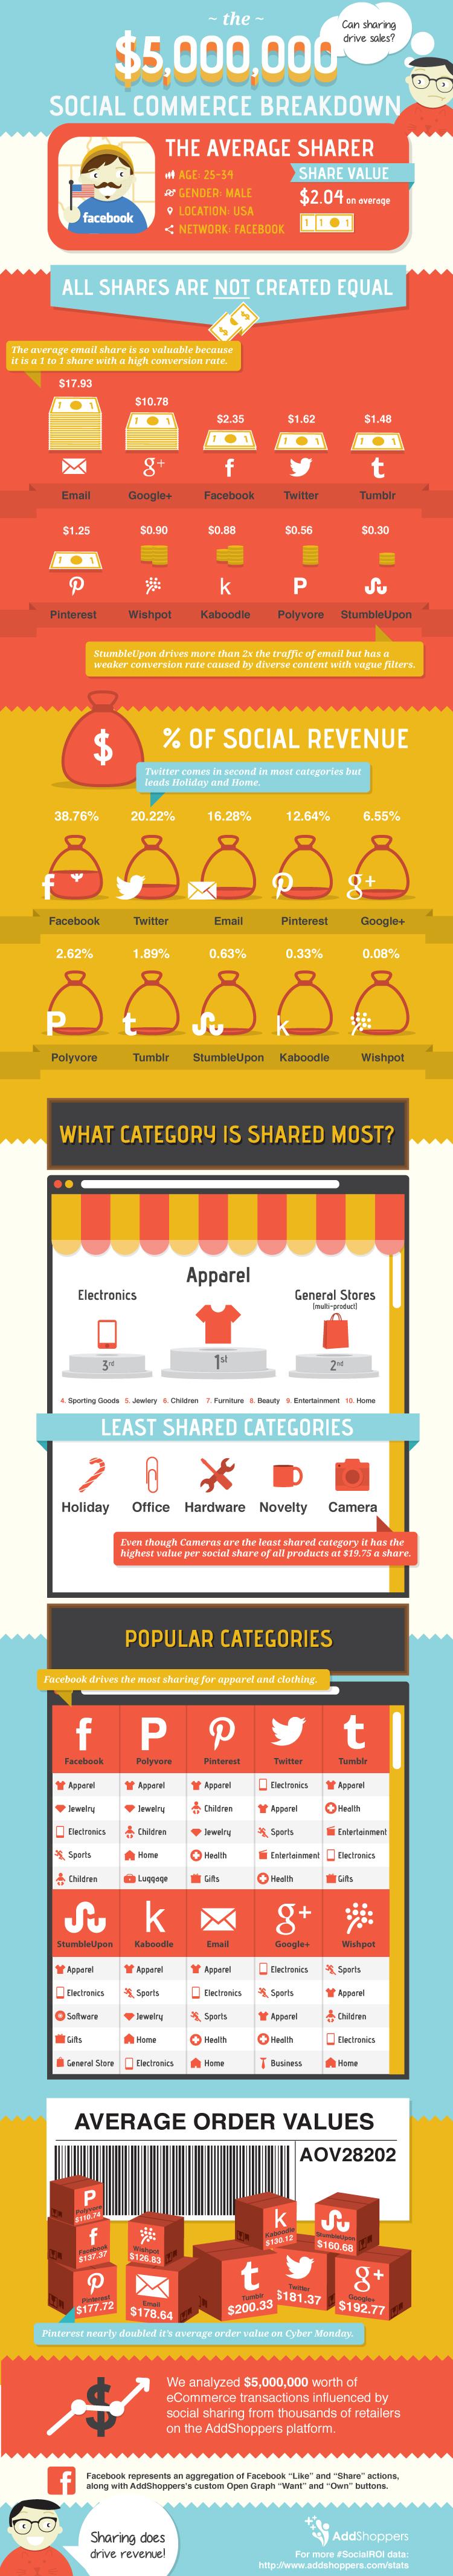 Social-sharing-drives-sales